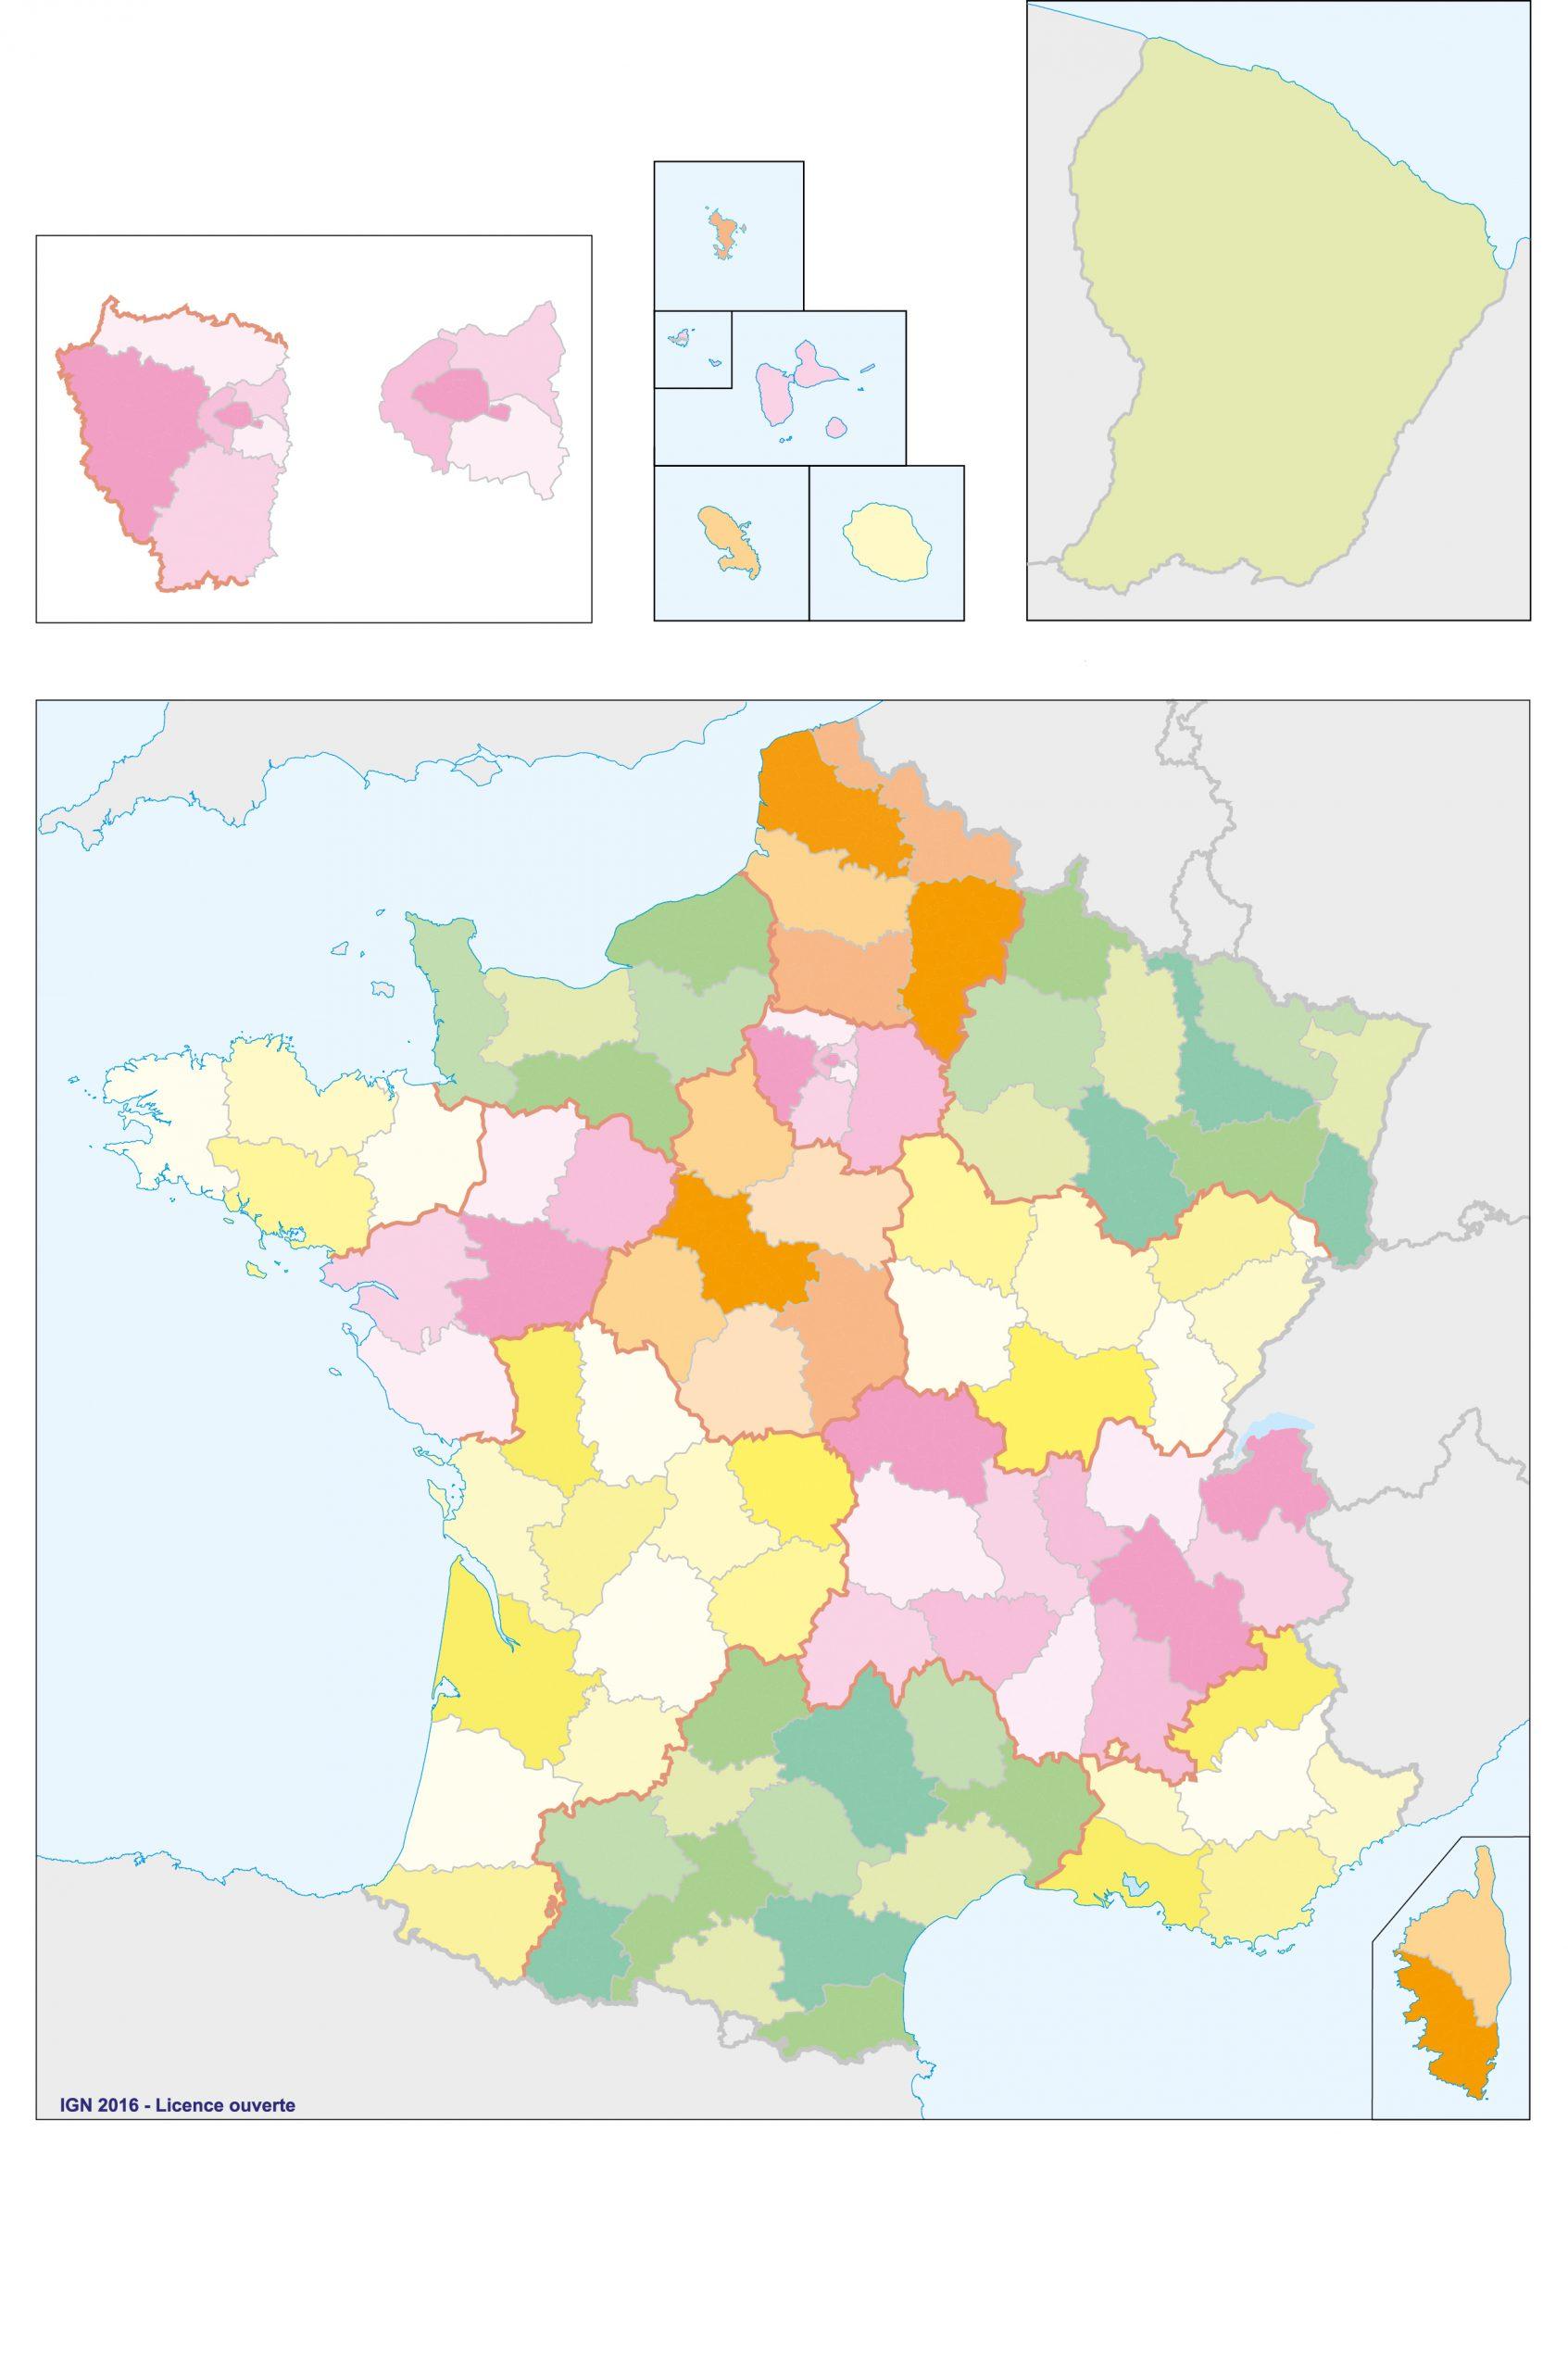 Fonds De Cartes | Éducation intérieur Carte De France Avec Département